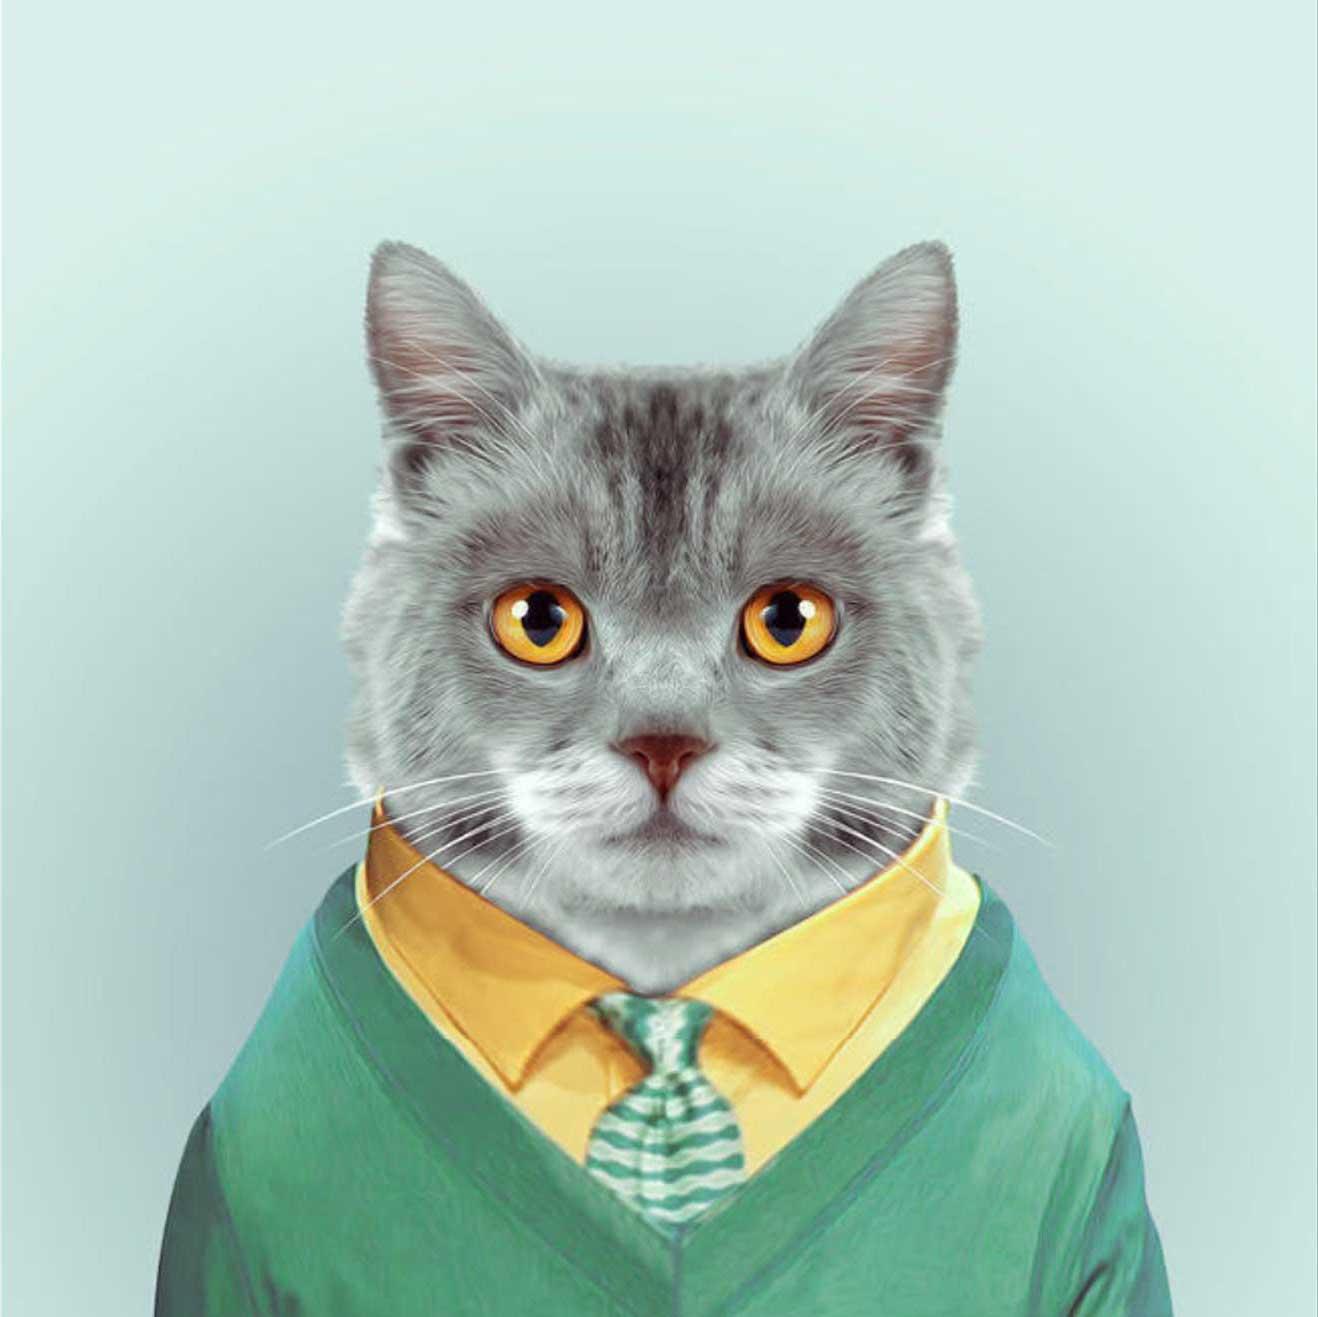 кот в галстуке картинка